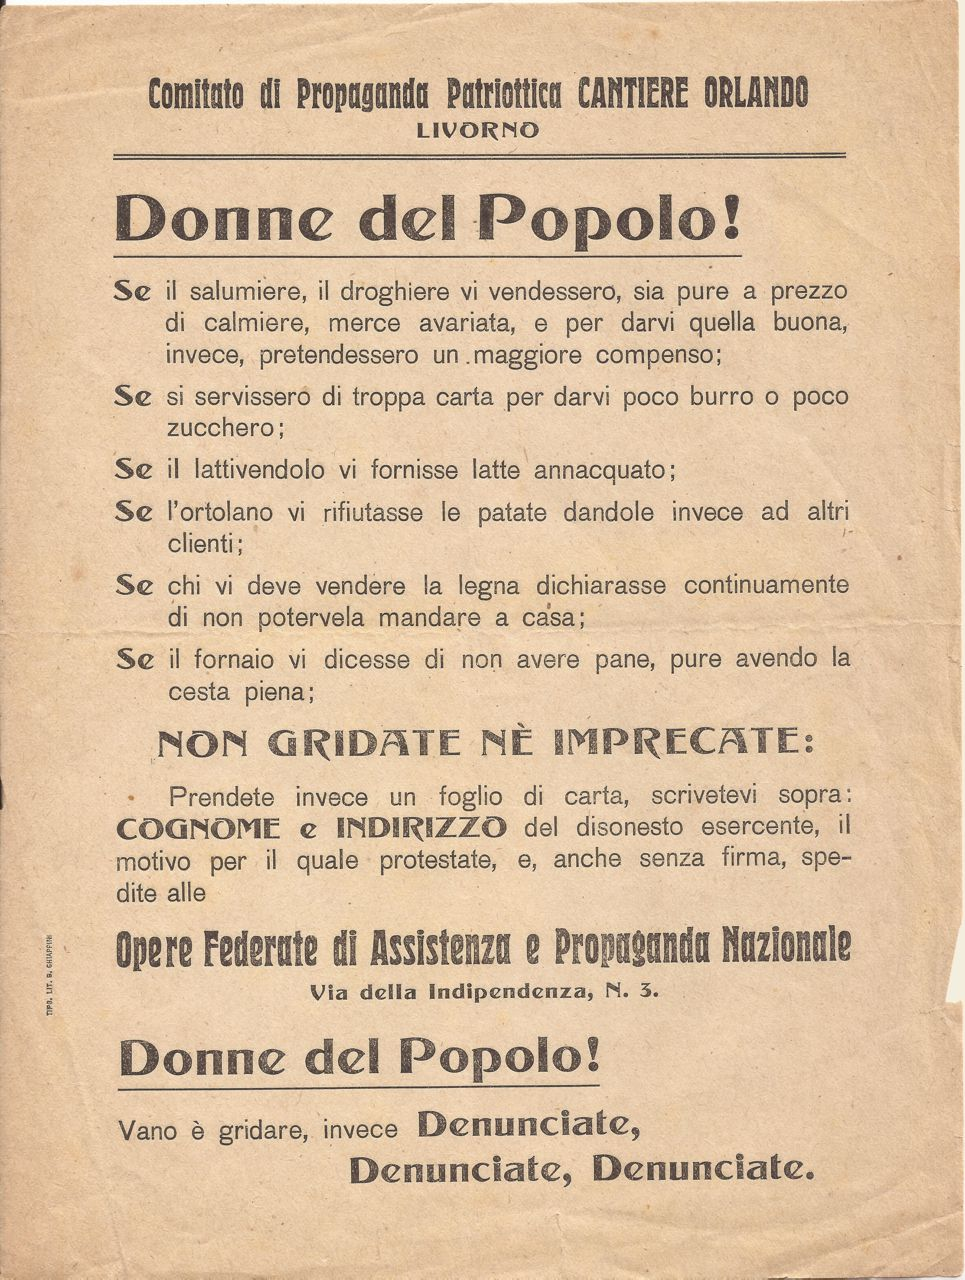 Donne del popolo - Cantiere Orlando Livorno